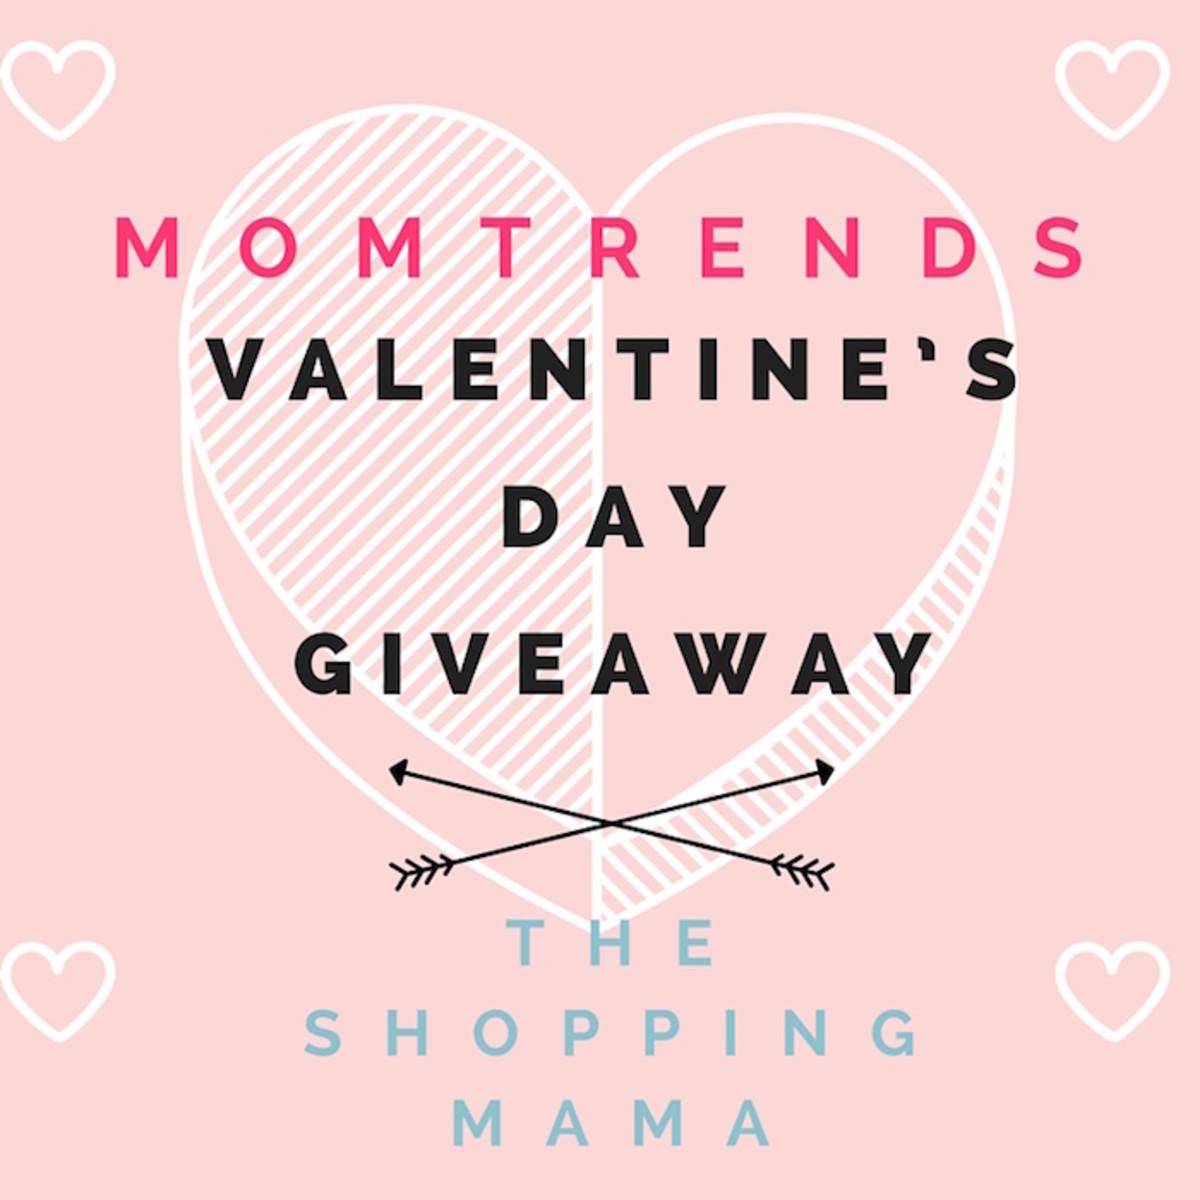 MOMTRENDS V-DAY